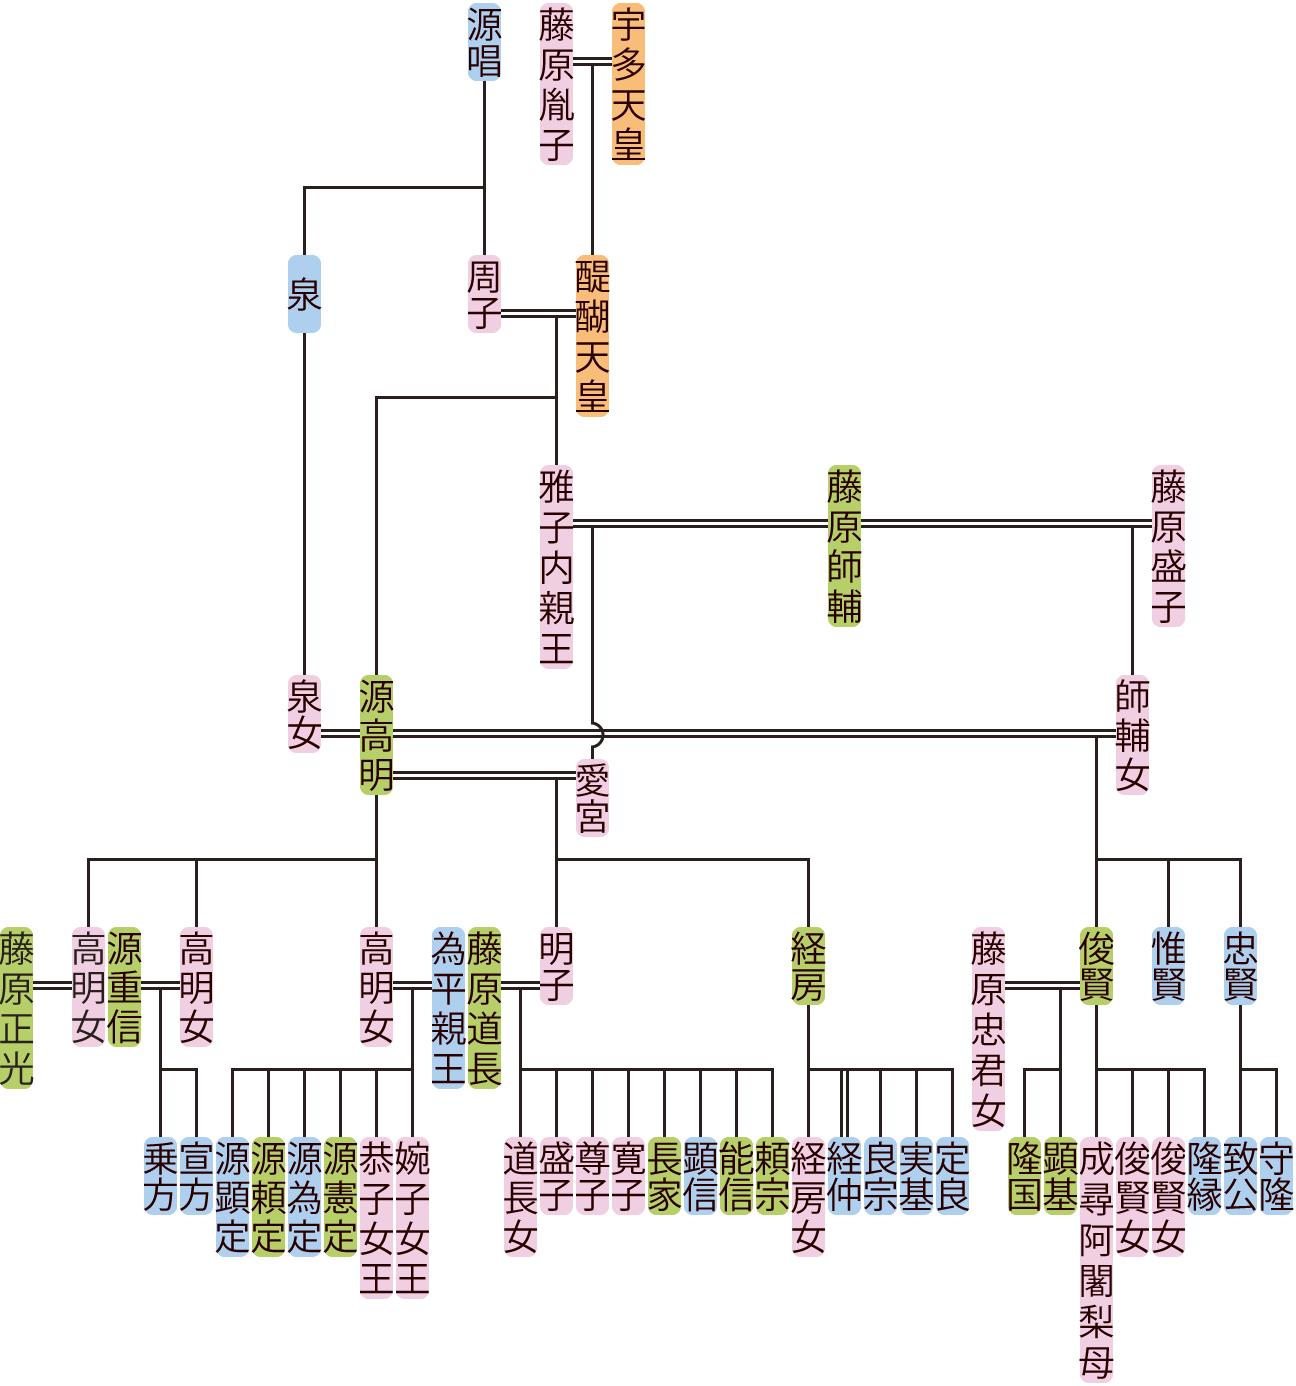 源高明の系図